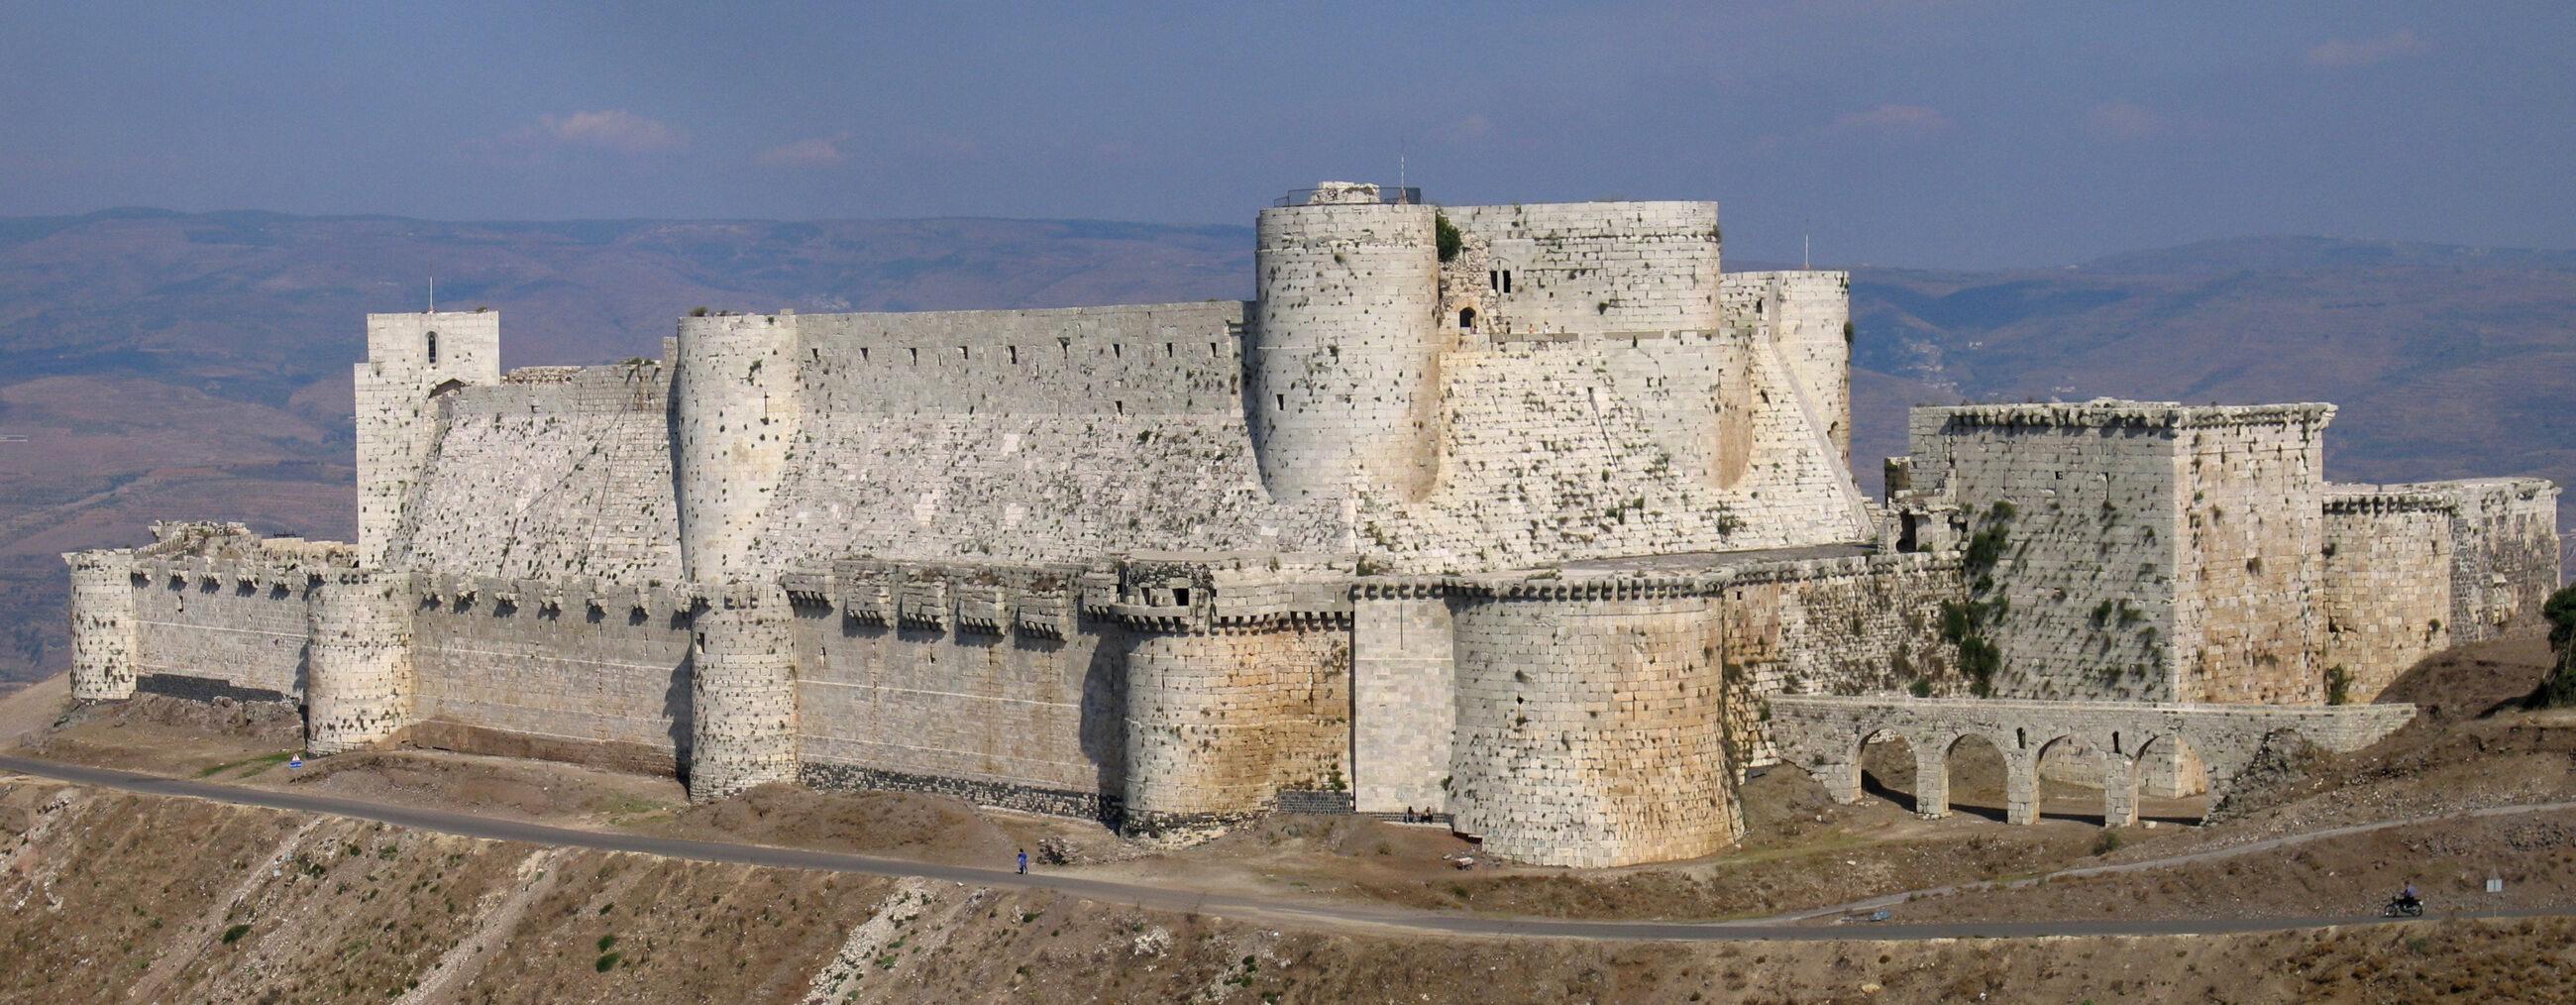 Krak des Chevaliers - joannicka twierdza twierdza uratowana w 1162 r. dzięki odsieczy, w której udział brali prawdopodobnie rycerze z Polski